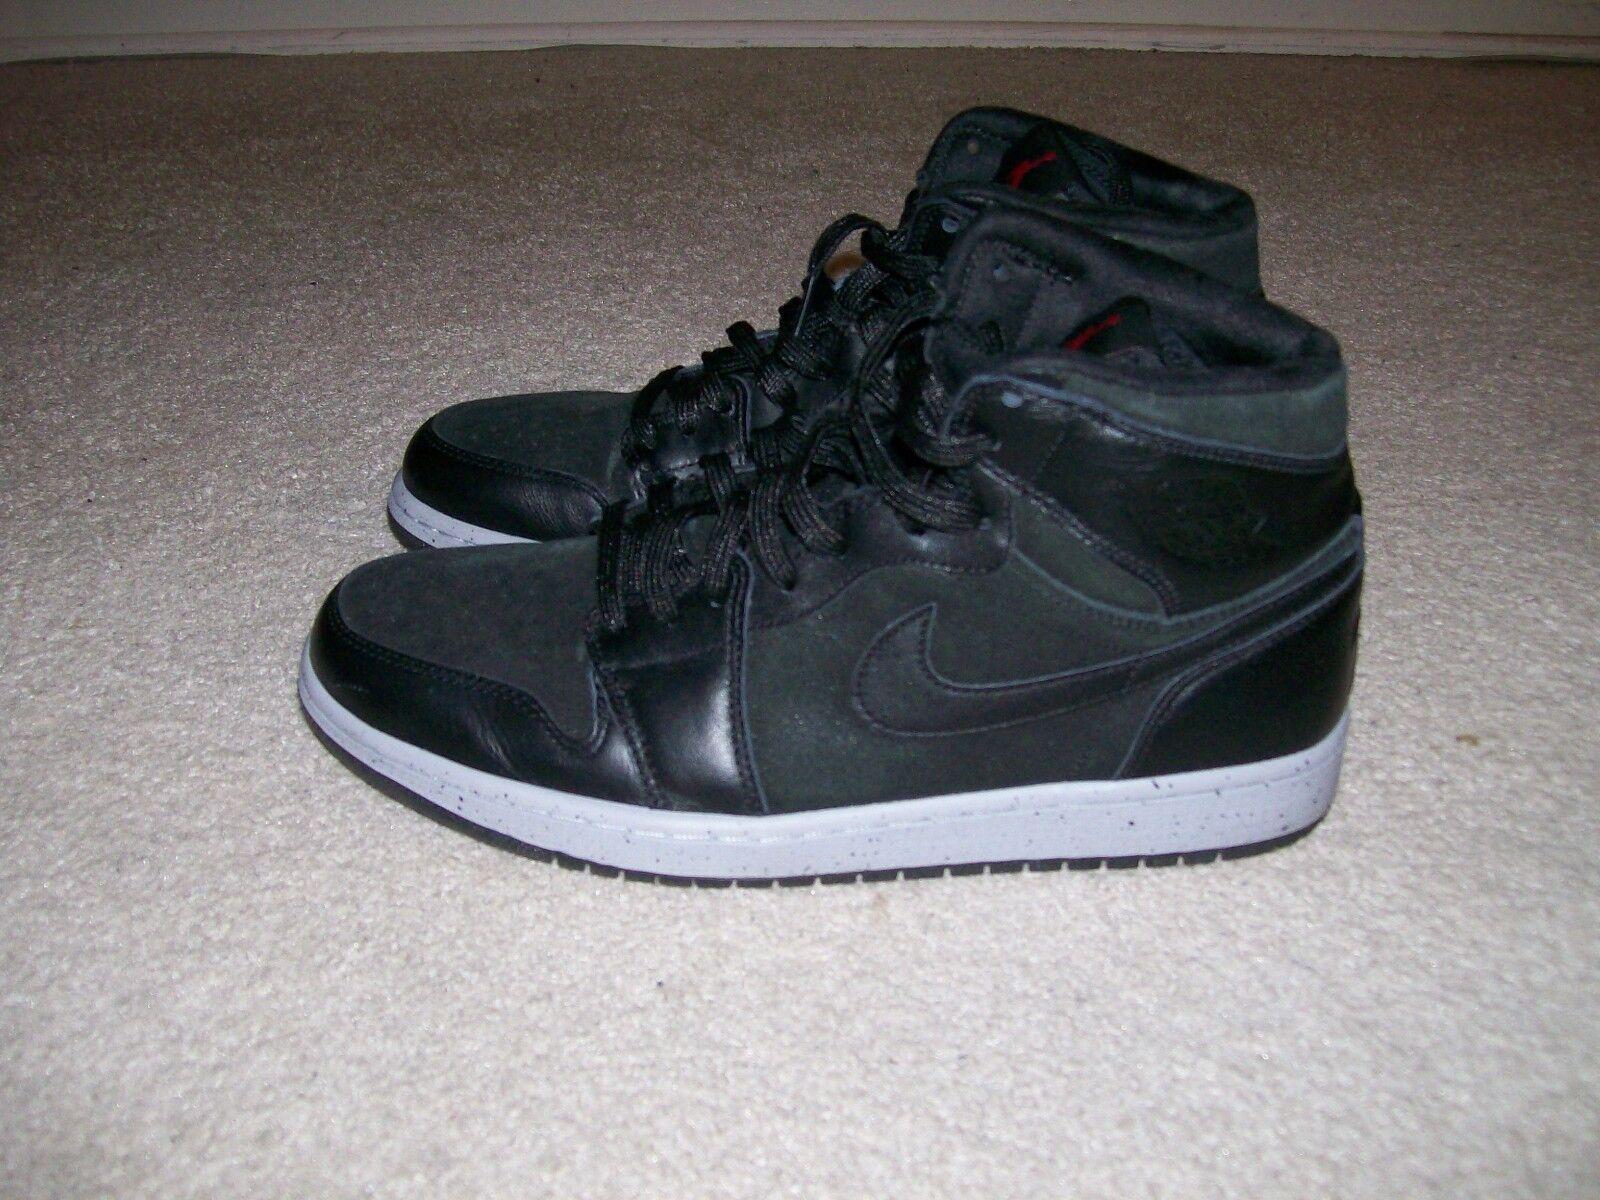 7fda155a0ff71b SZ 10 Nike Air Jordan 1 High NYC 23NY 23NY 23NY 715060 002 Oreo XI IV Royal  Bred Shadow X 27762c